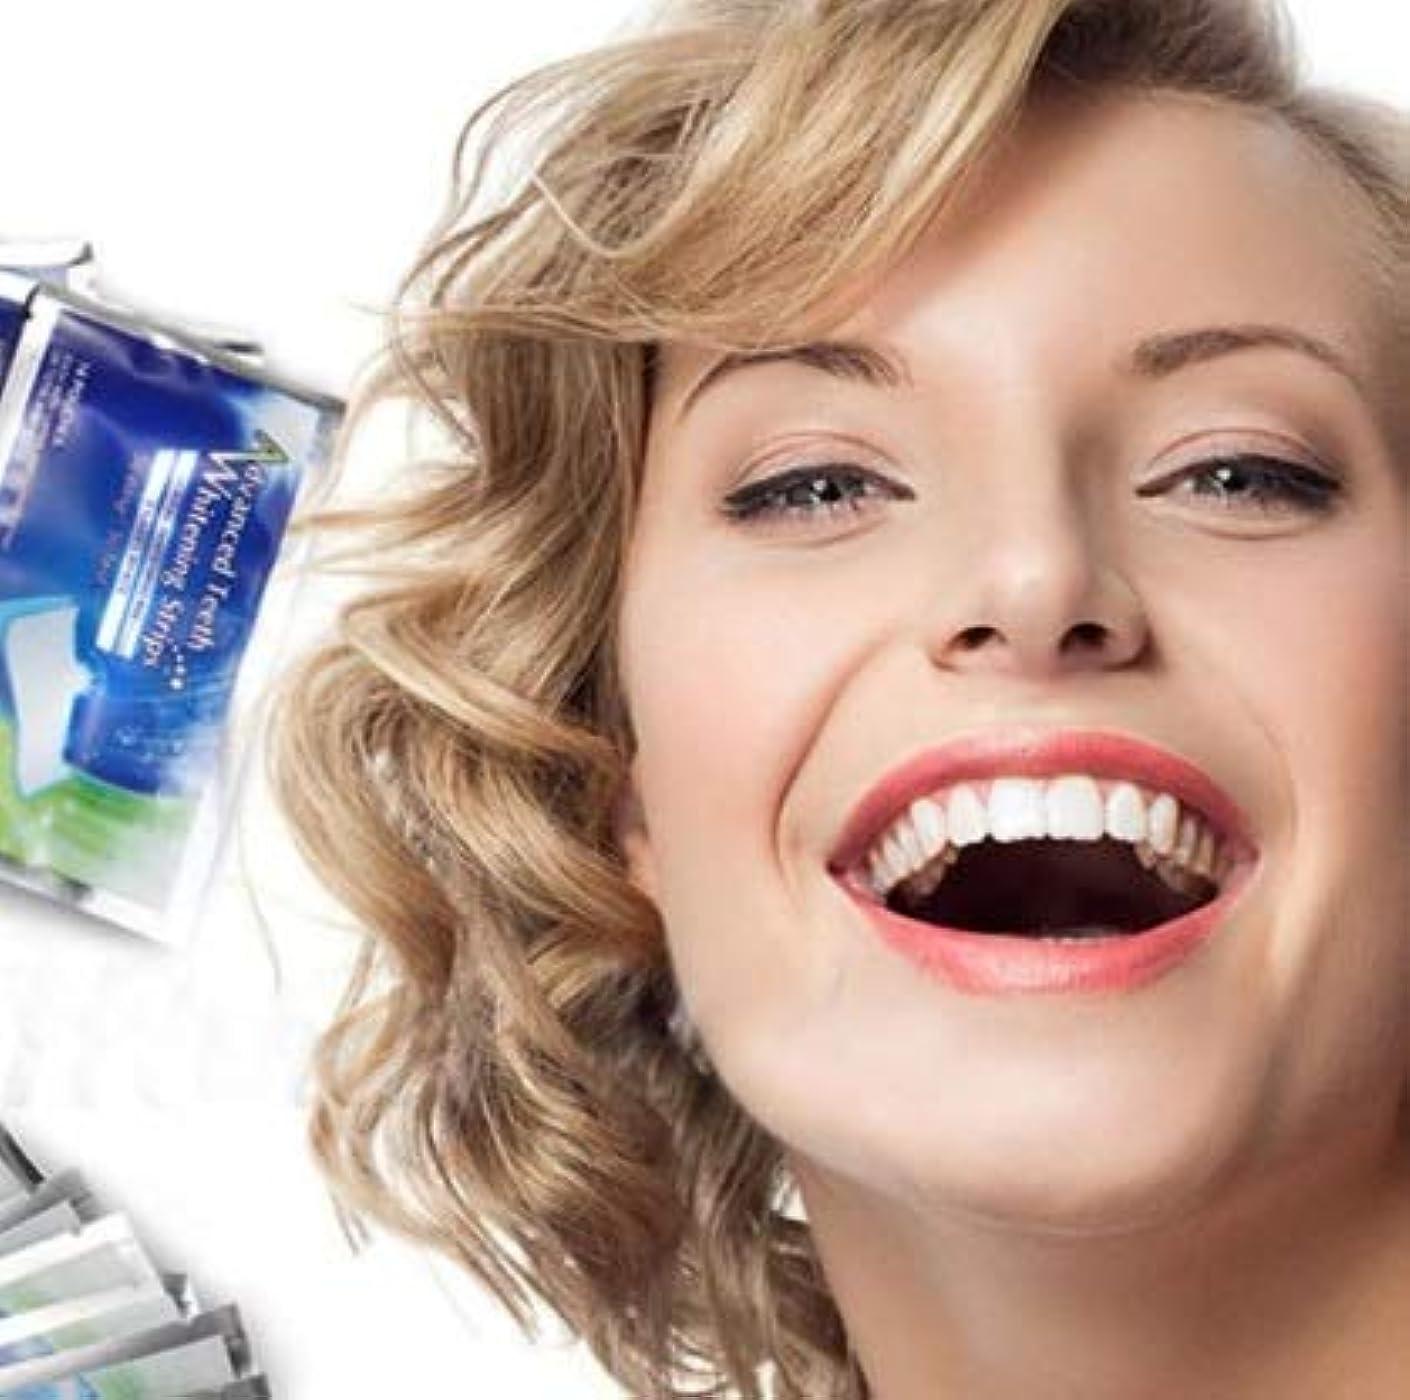 性別カレンダー飛び込むIzmirli 28ストリップを白くする高度な歯、ストリップを白くする3D歯、漂白ストリップを白くする専門の白くなる専門家、歯科白くなるキット、エナメルの白。Izmirli 28 Advanced Teeth Whitening...